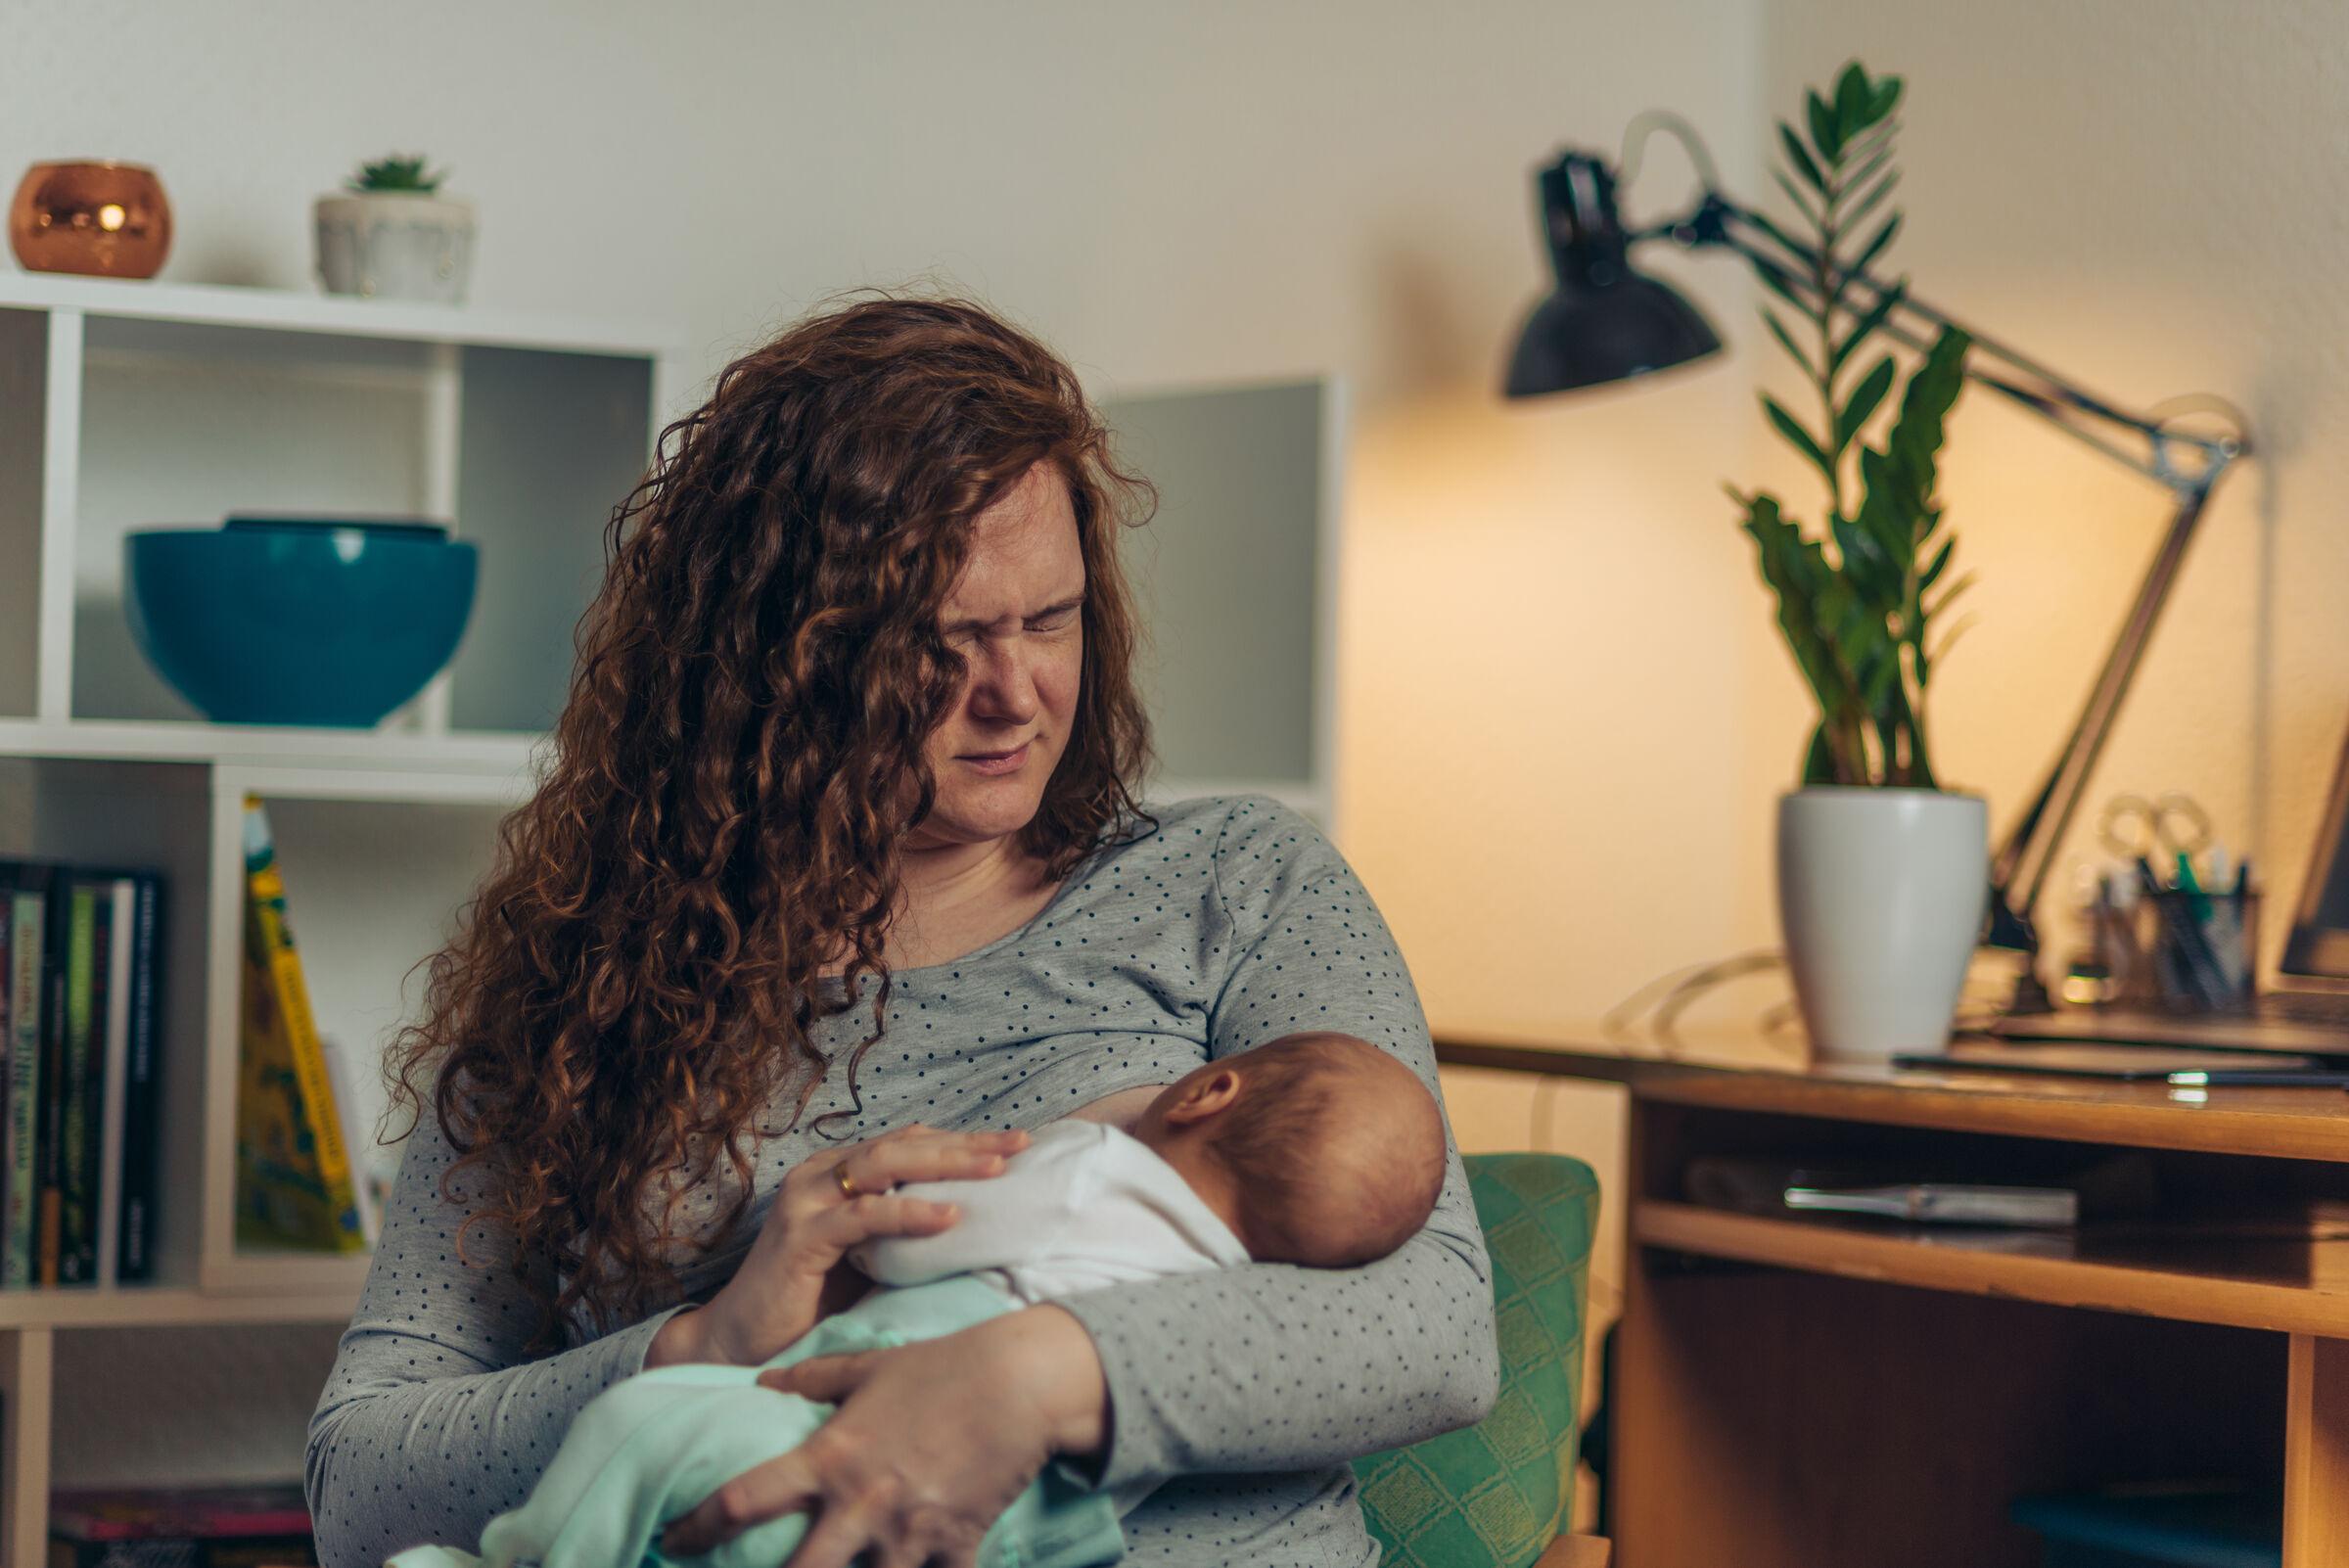 Mãe-com-dor-amamentando-seu-bebê